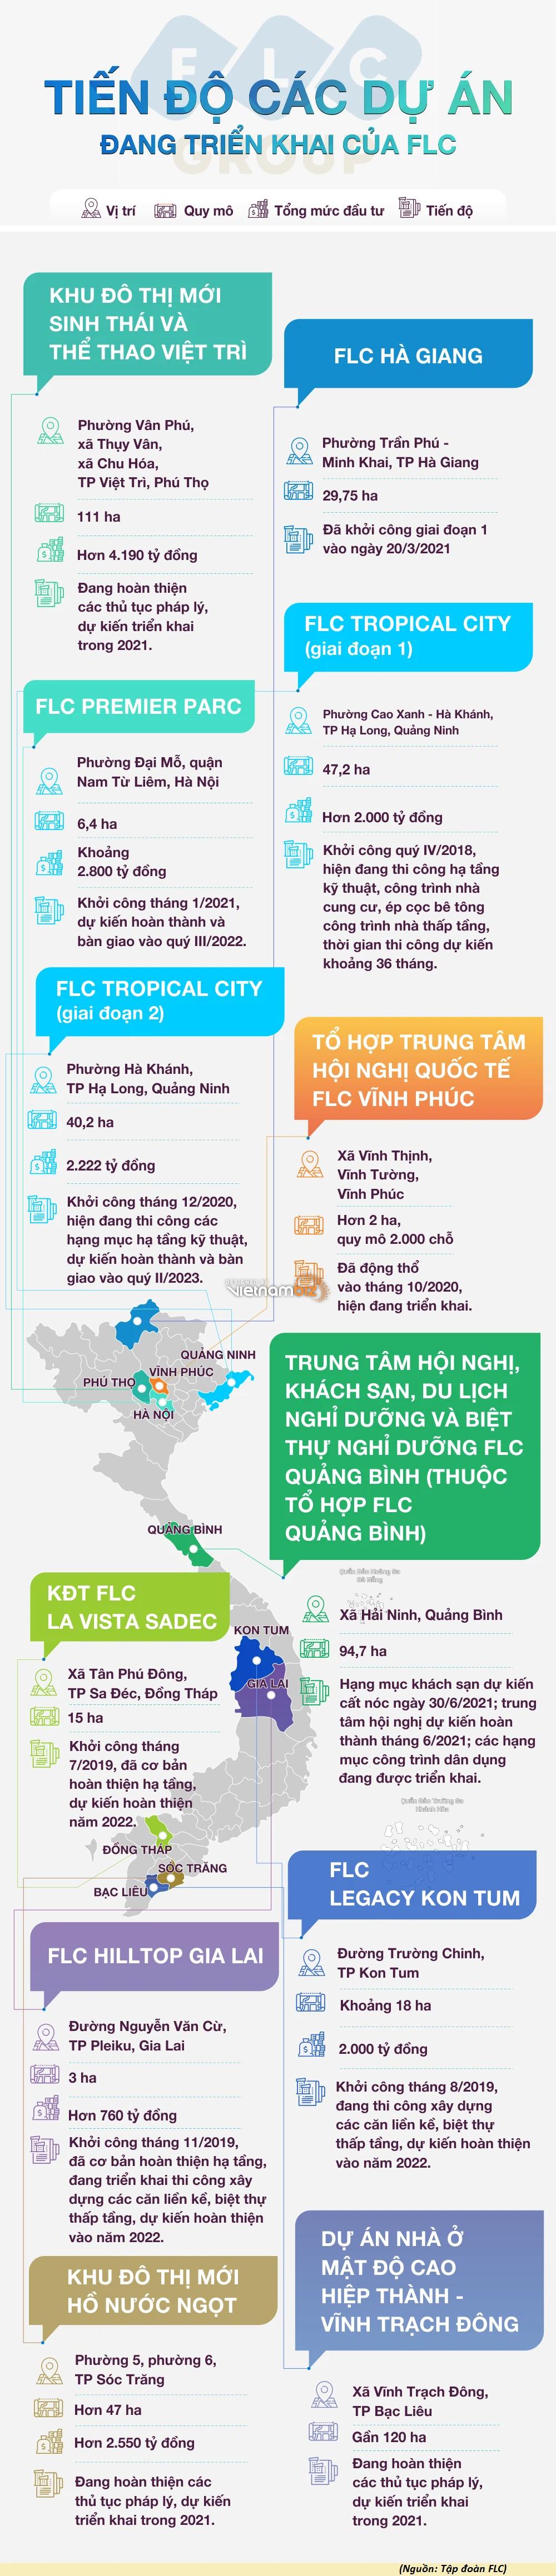 [Infographic] Tiến độ các dự án đang triển khai của FLC - Ảnh 1.